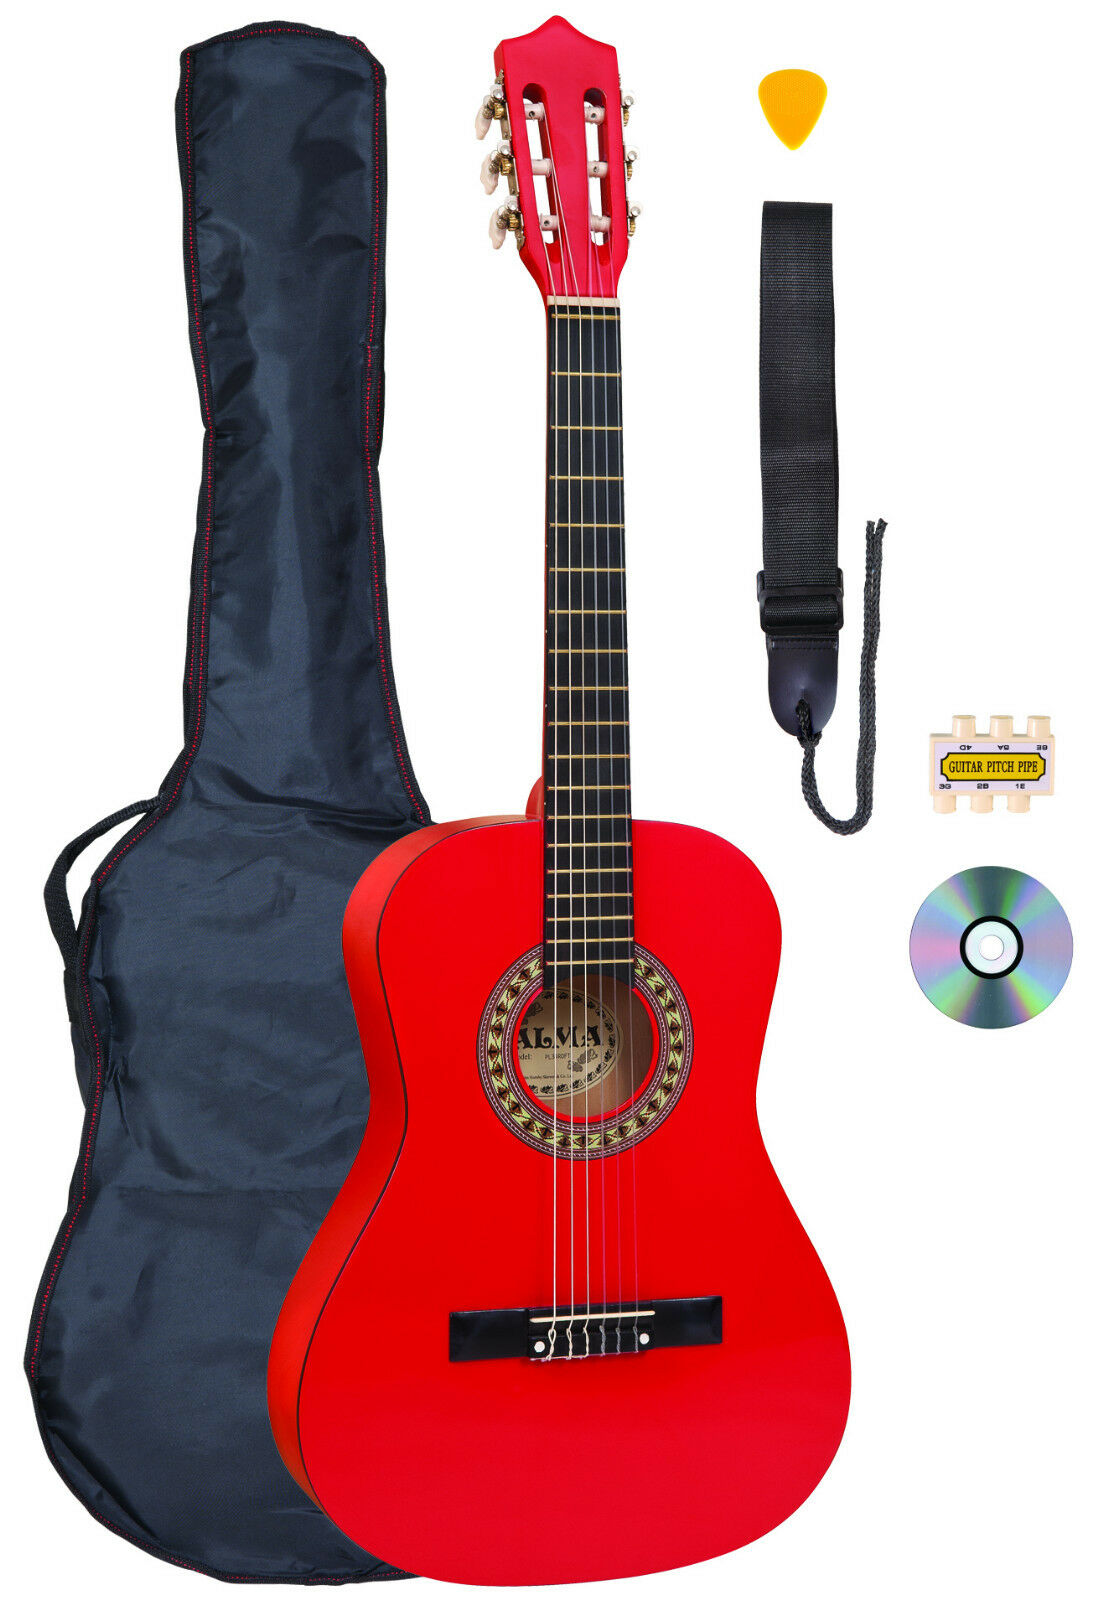 Palma 3 4 Größe Rot Klassische Gitarre Set Ink Tasche, Saiten und Stimmpfeife